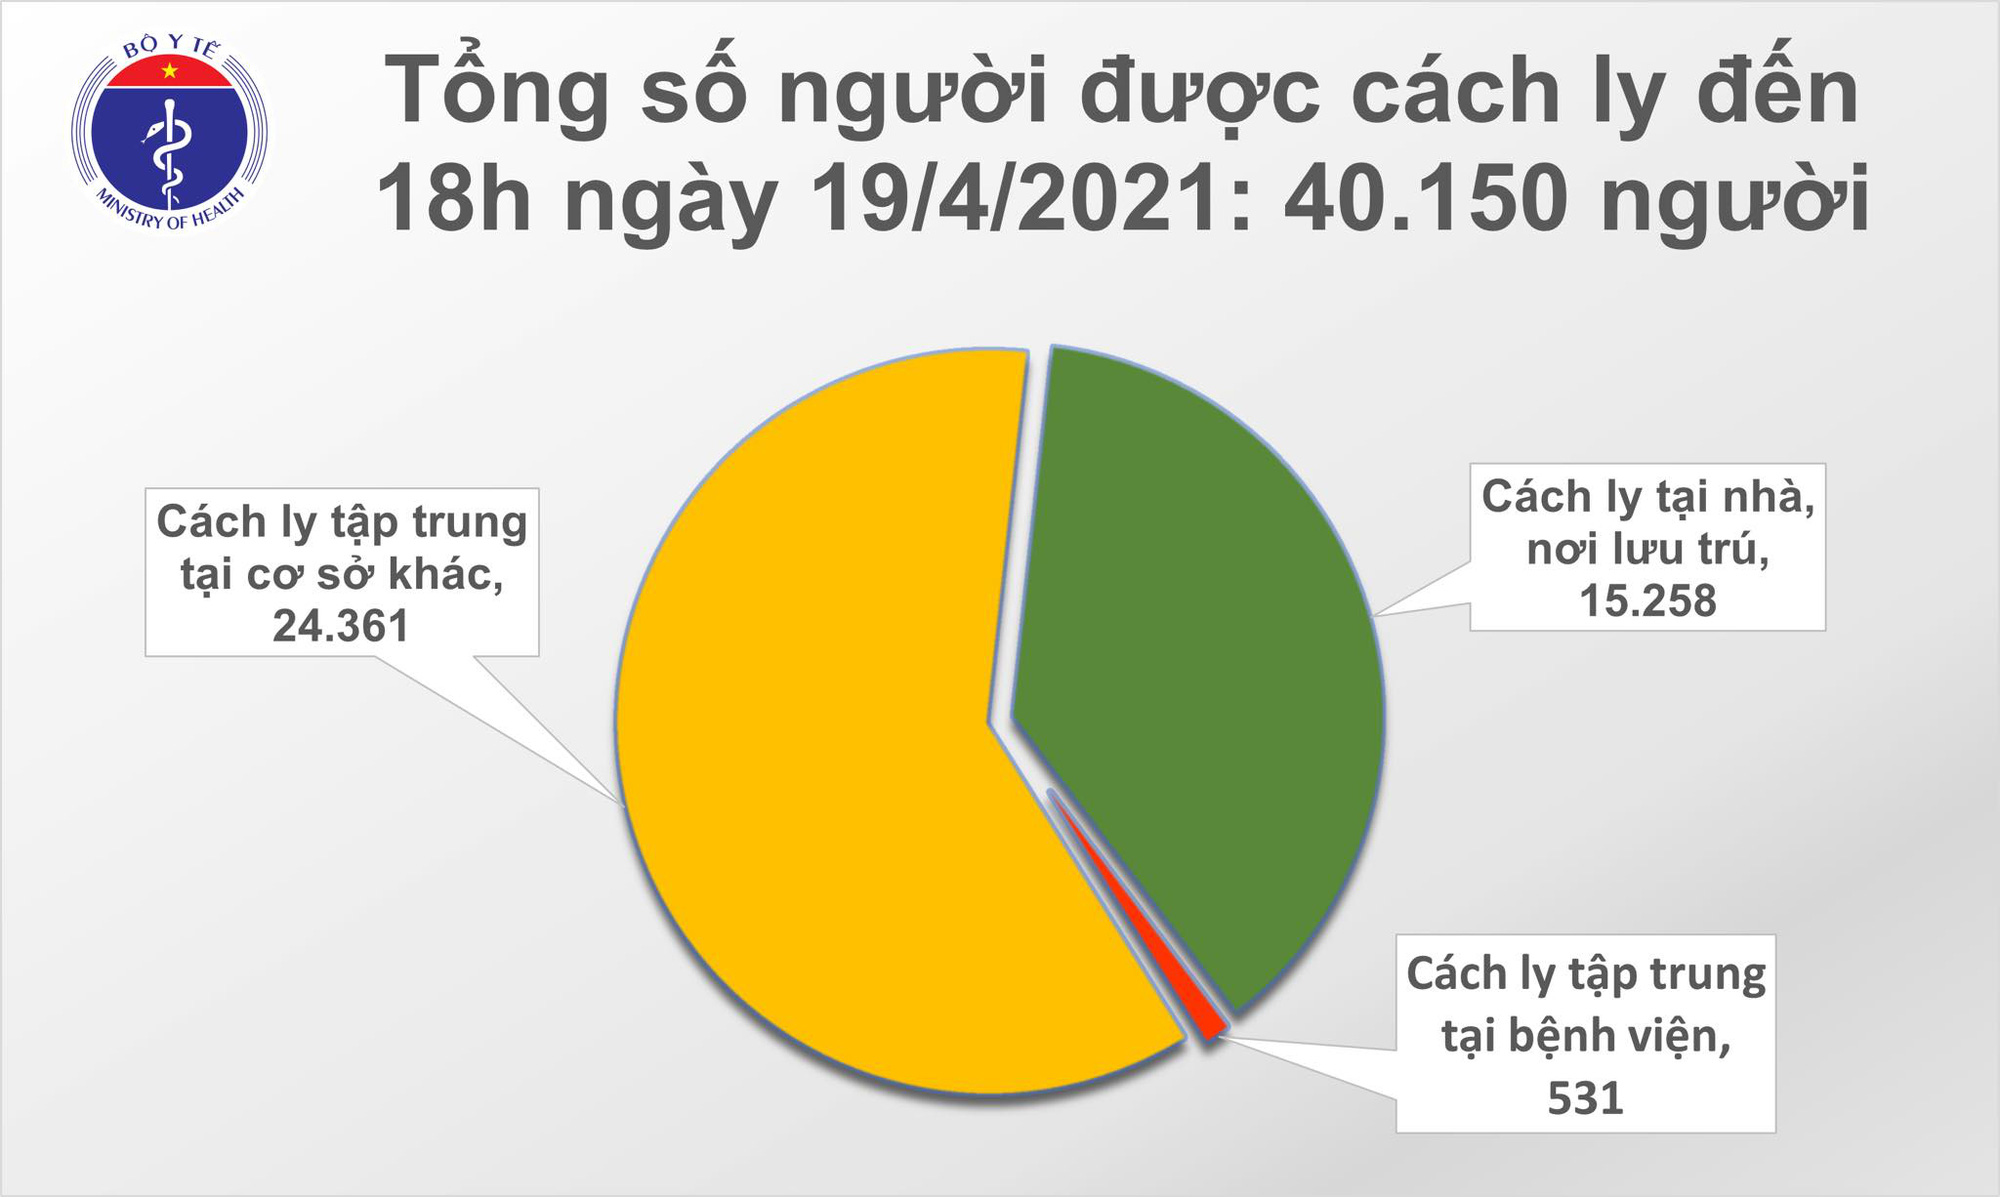 Chiều 19/4 có 6 ca Covid-19 mới gồm  2 người Ân độc và 4 người Việt - Ảnh 2.